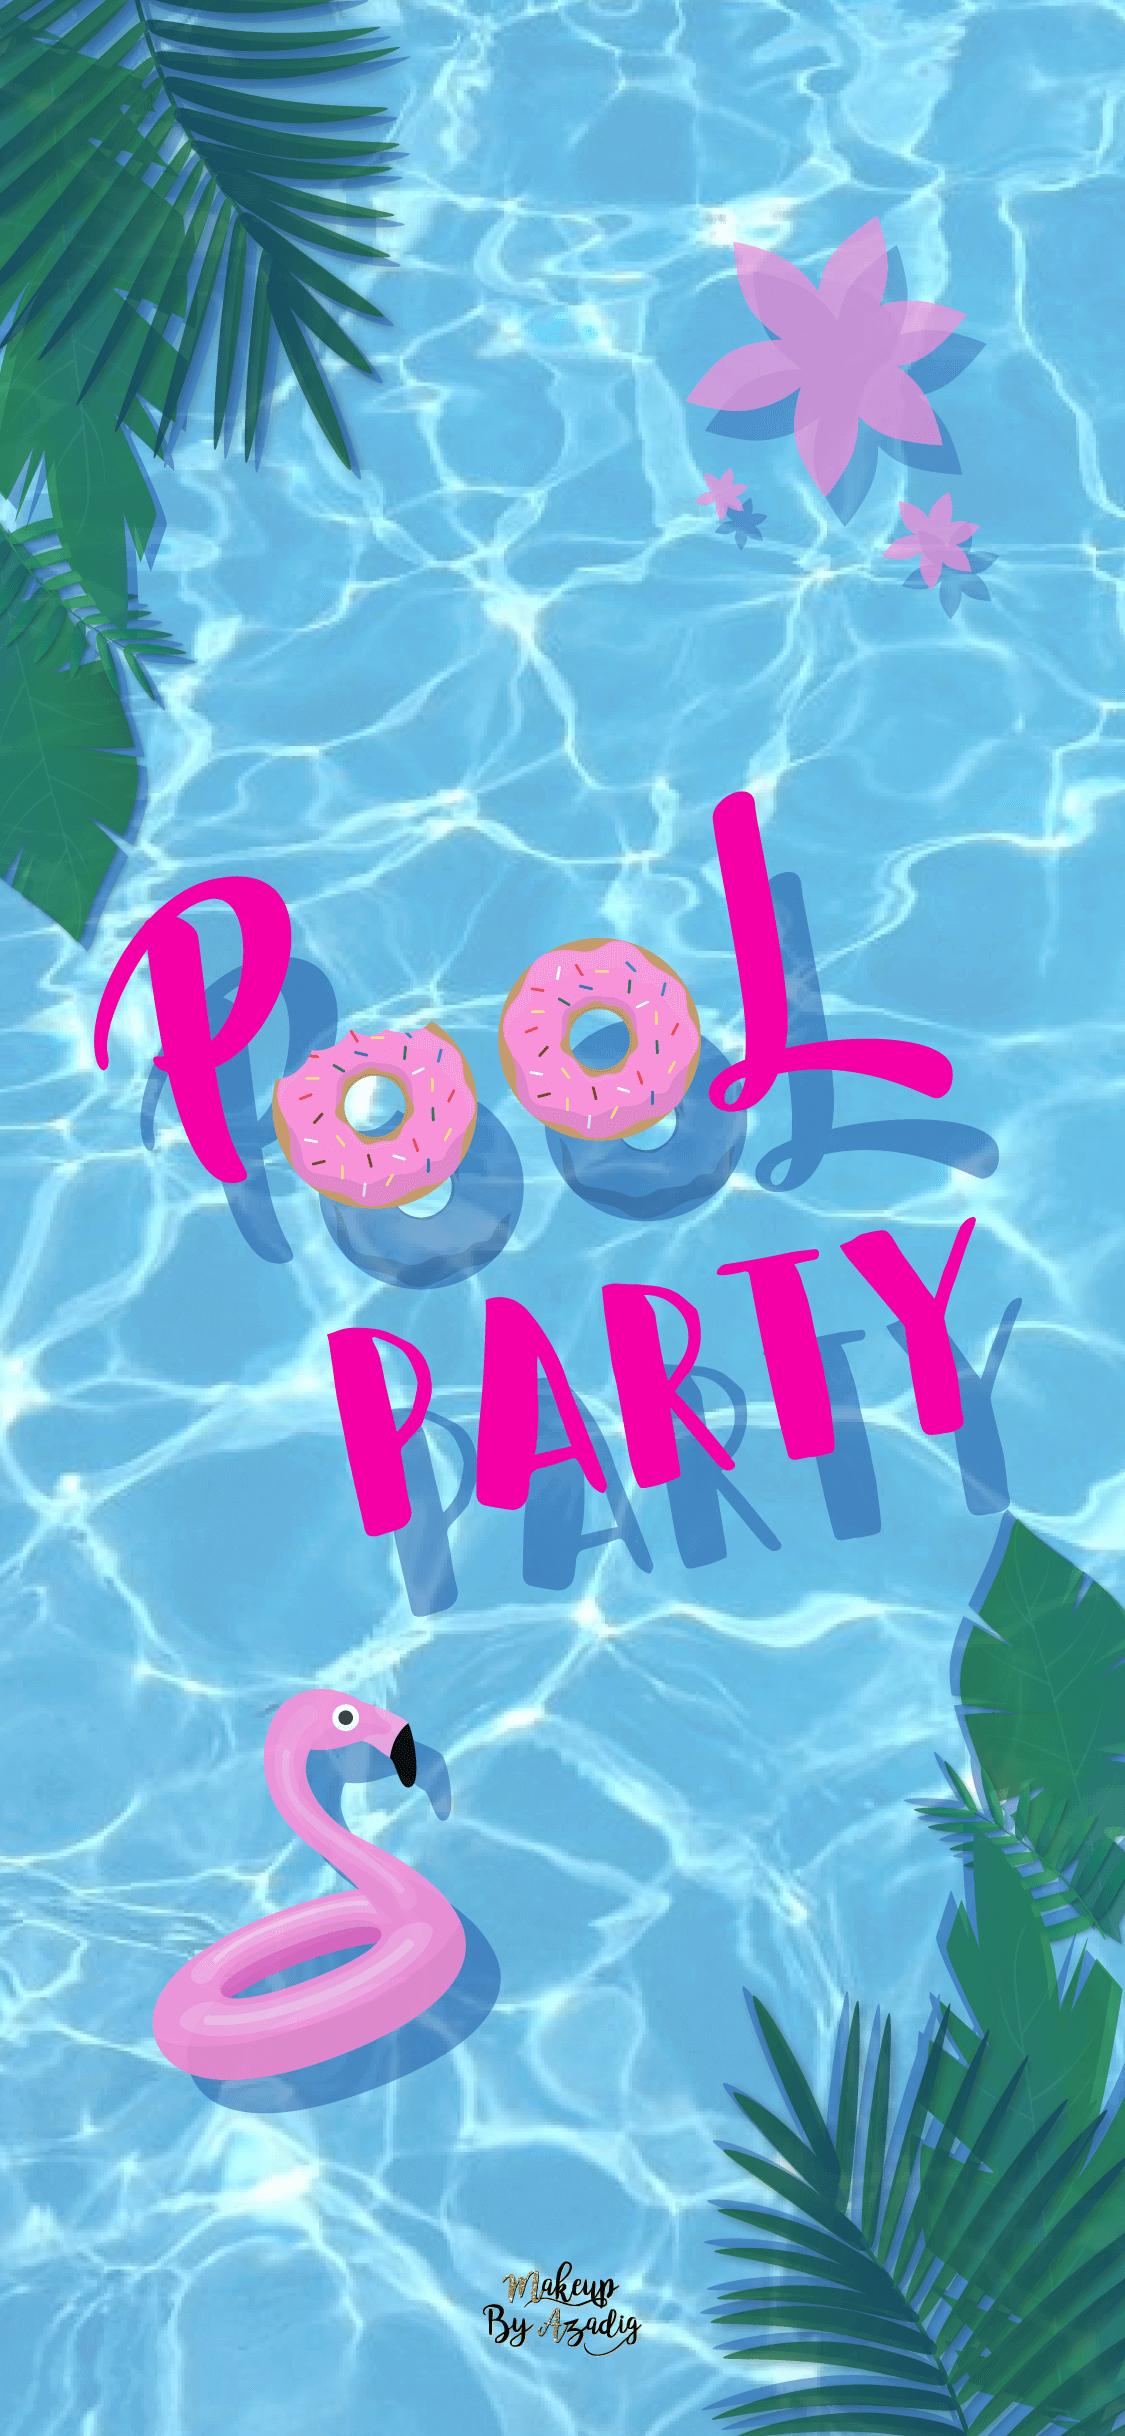 fond-decran-wallpaper-pool-party-iphone-X-makeupbyazadig-tendance